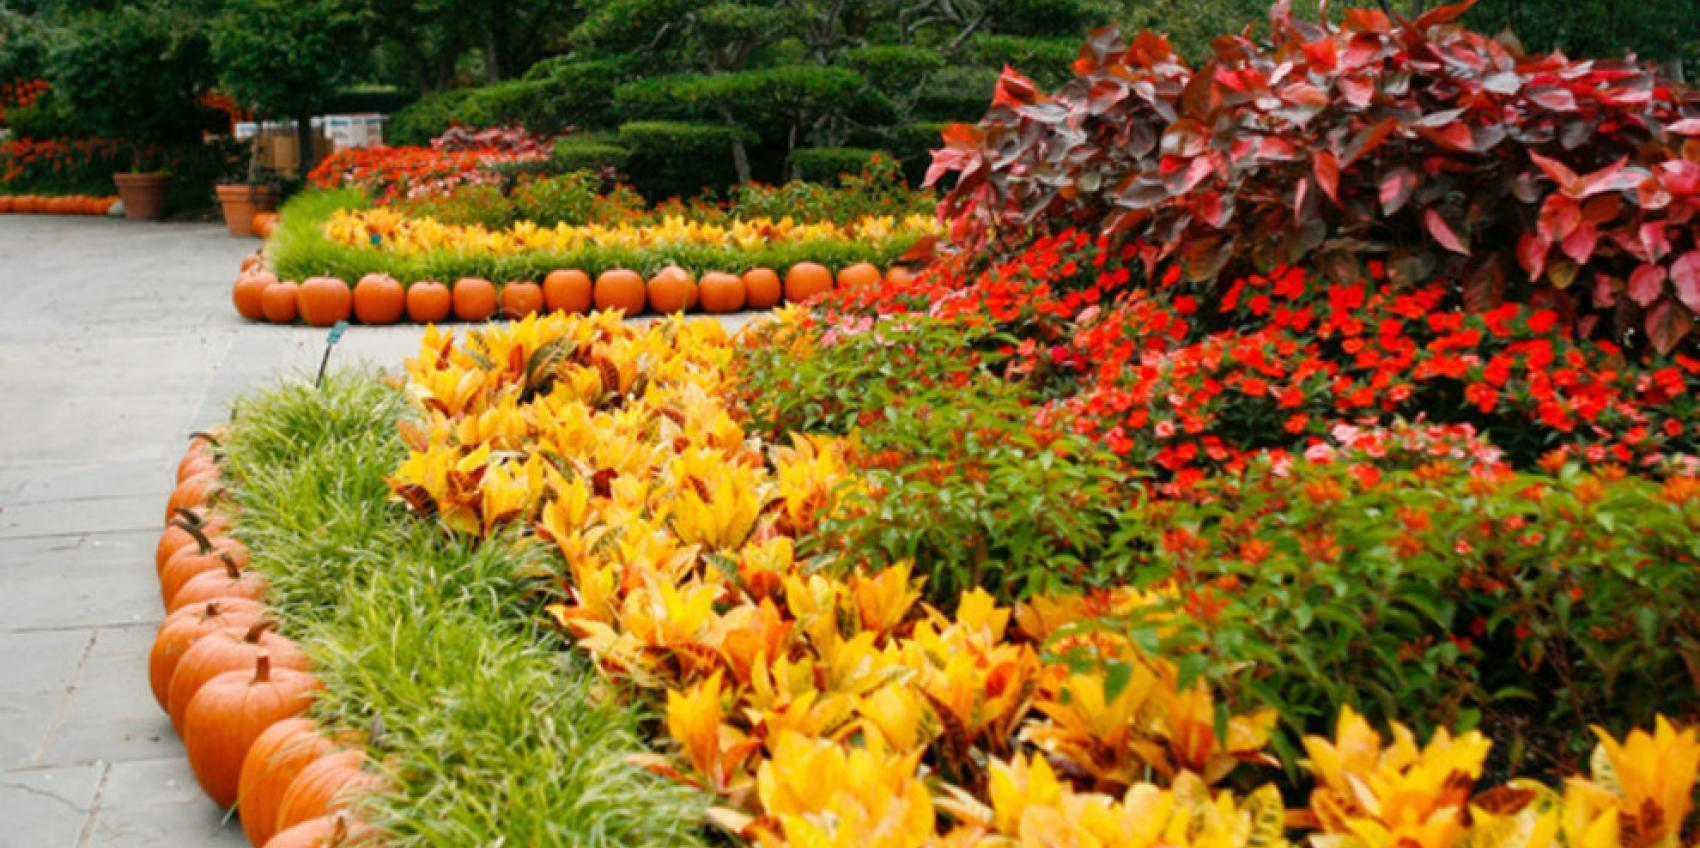 Dallas Arboretum U0026 Botanical Society | American Public Gardens Association